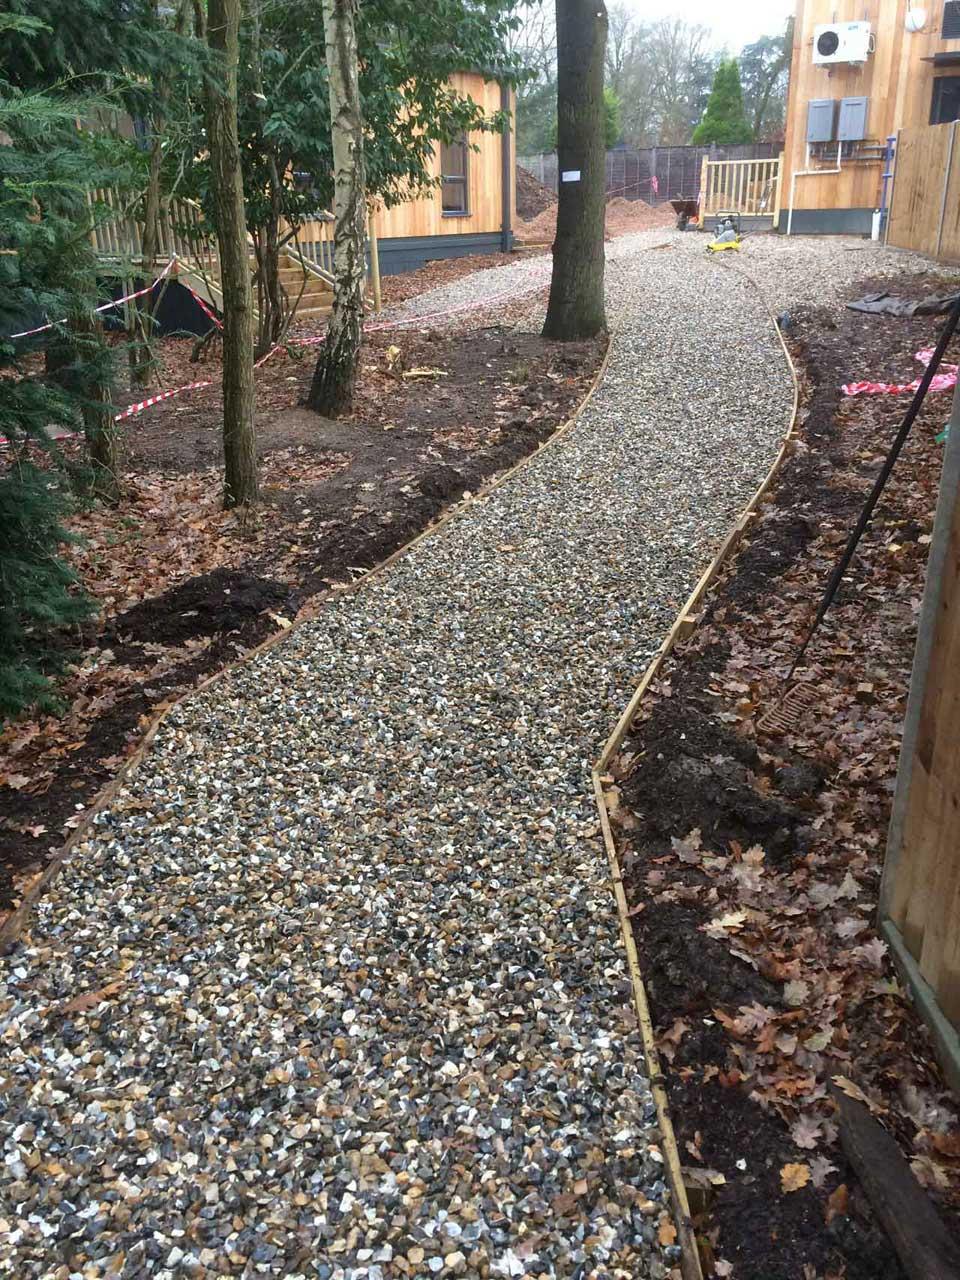 Landscaping in Wokingham at Holme Grange School Wokingham